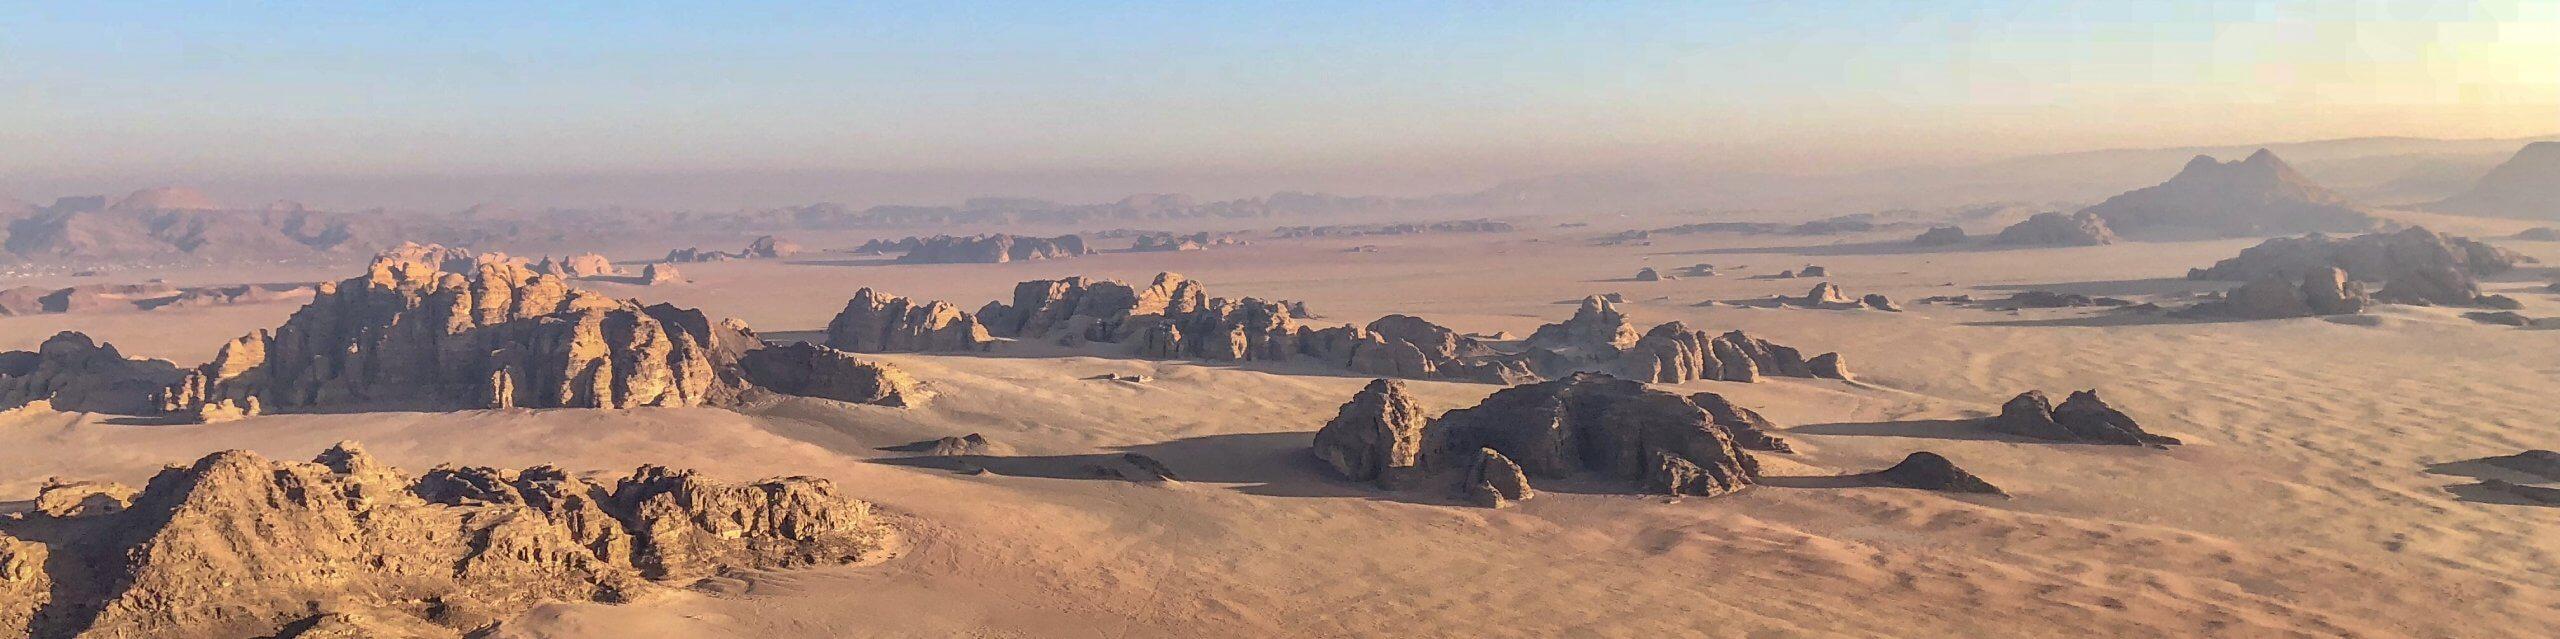 Covid-19 entering conditions in Jordan